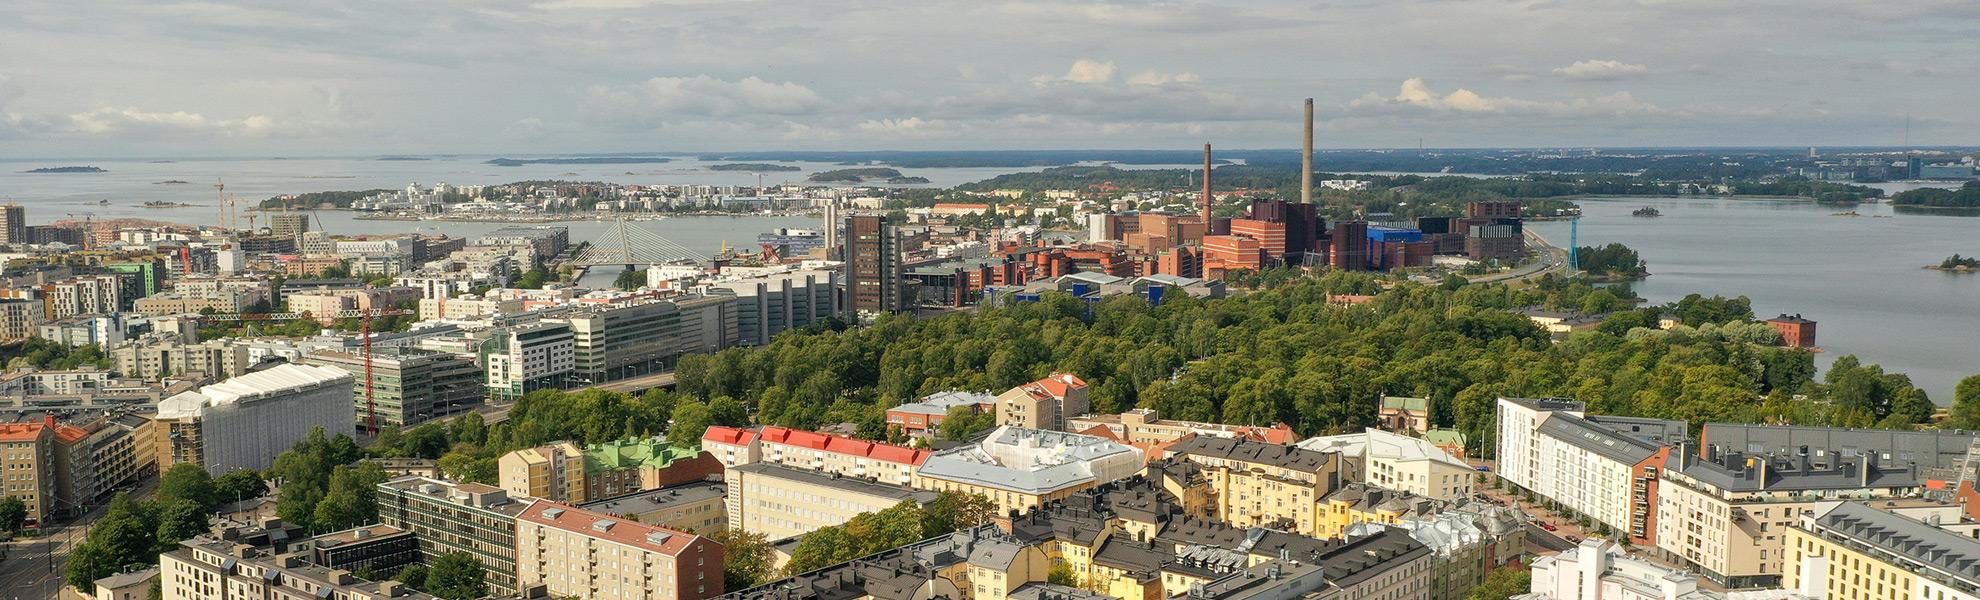 aerial photo of Helssinki, parks, buildings